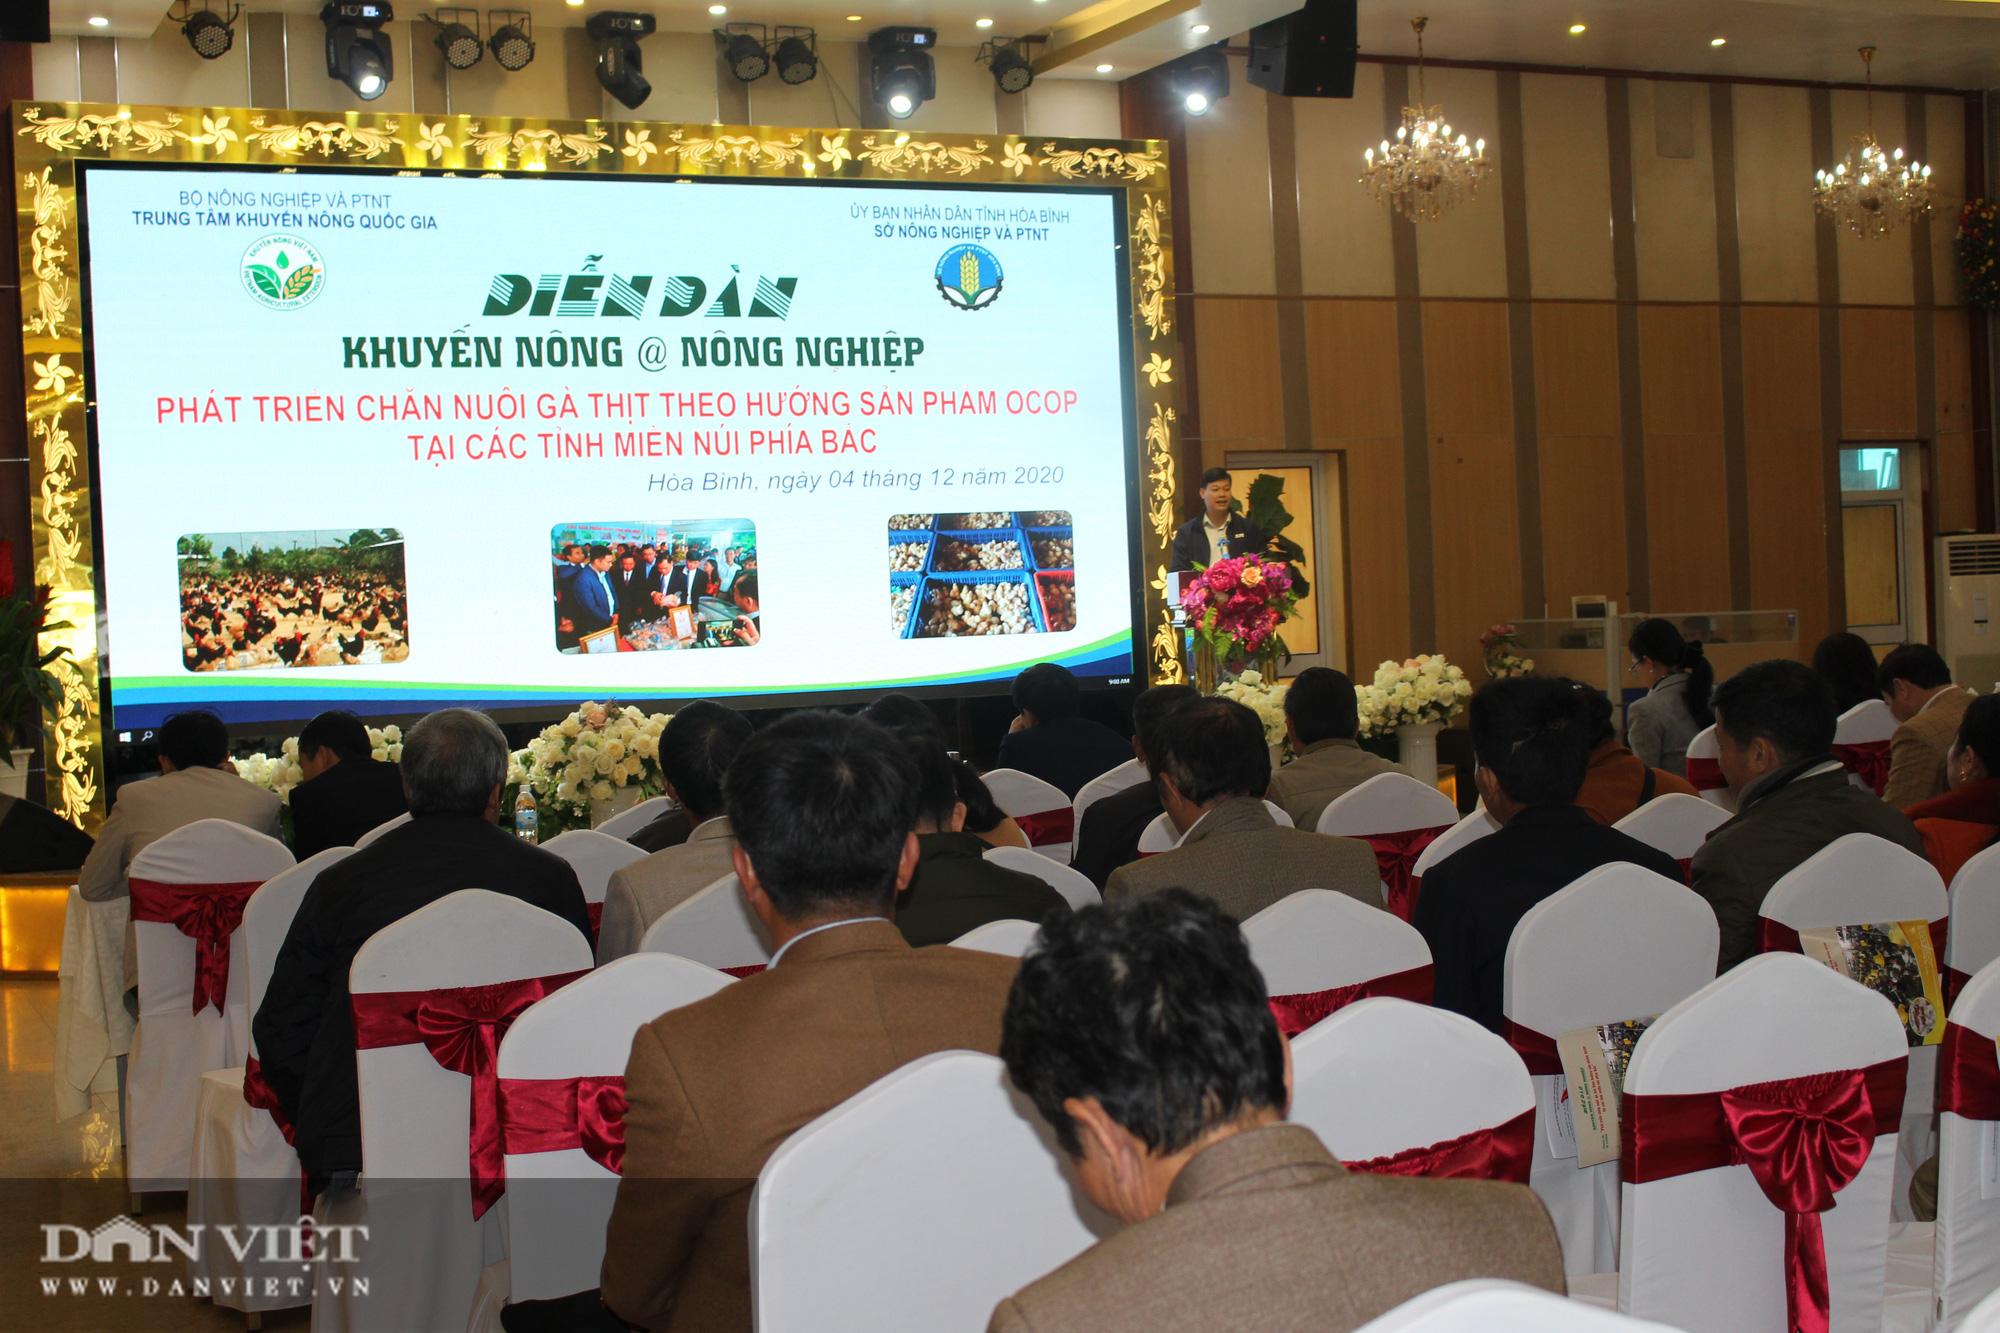 Diễn đàn Khuyến nông @ Nông nghiệp: Phát triển chăn nuôi gà thịt theo hướng sản phẩm OCOP  - Ảnh 3.